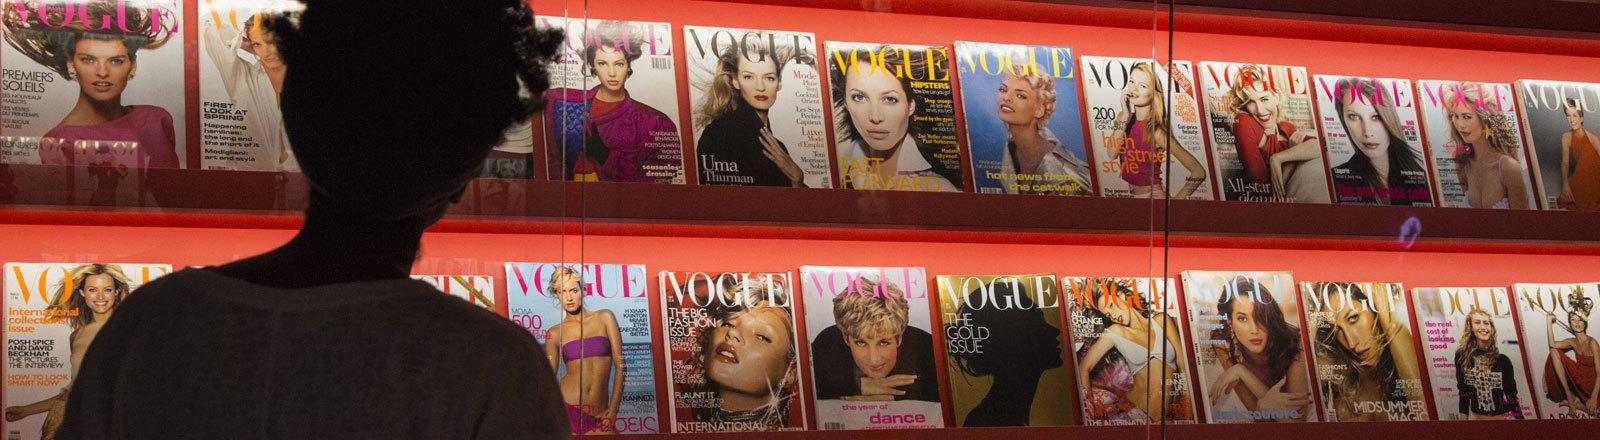 Frau steht vor Aufsteller mit Vogue-Ausgaben Cover